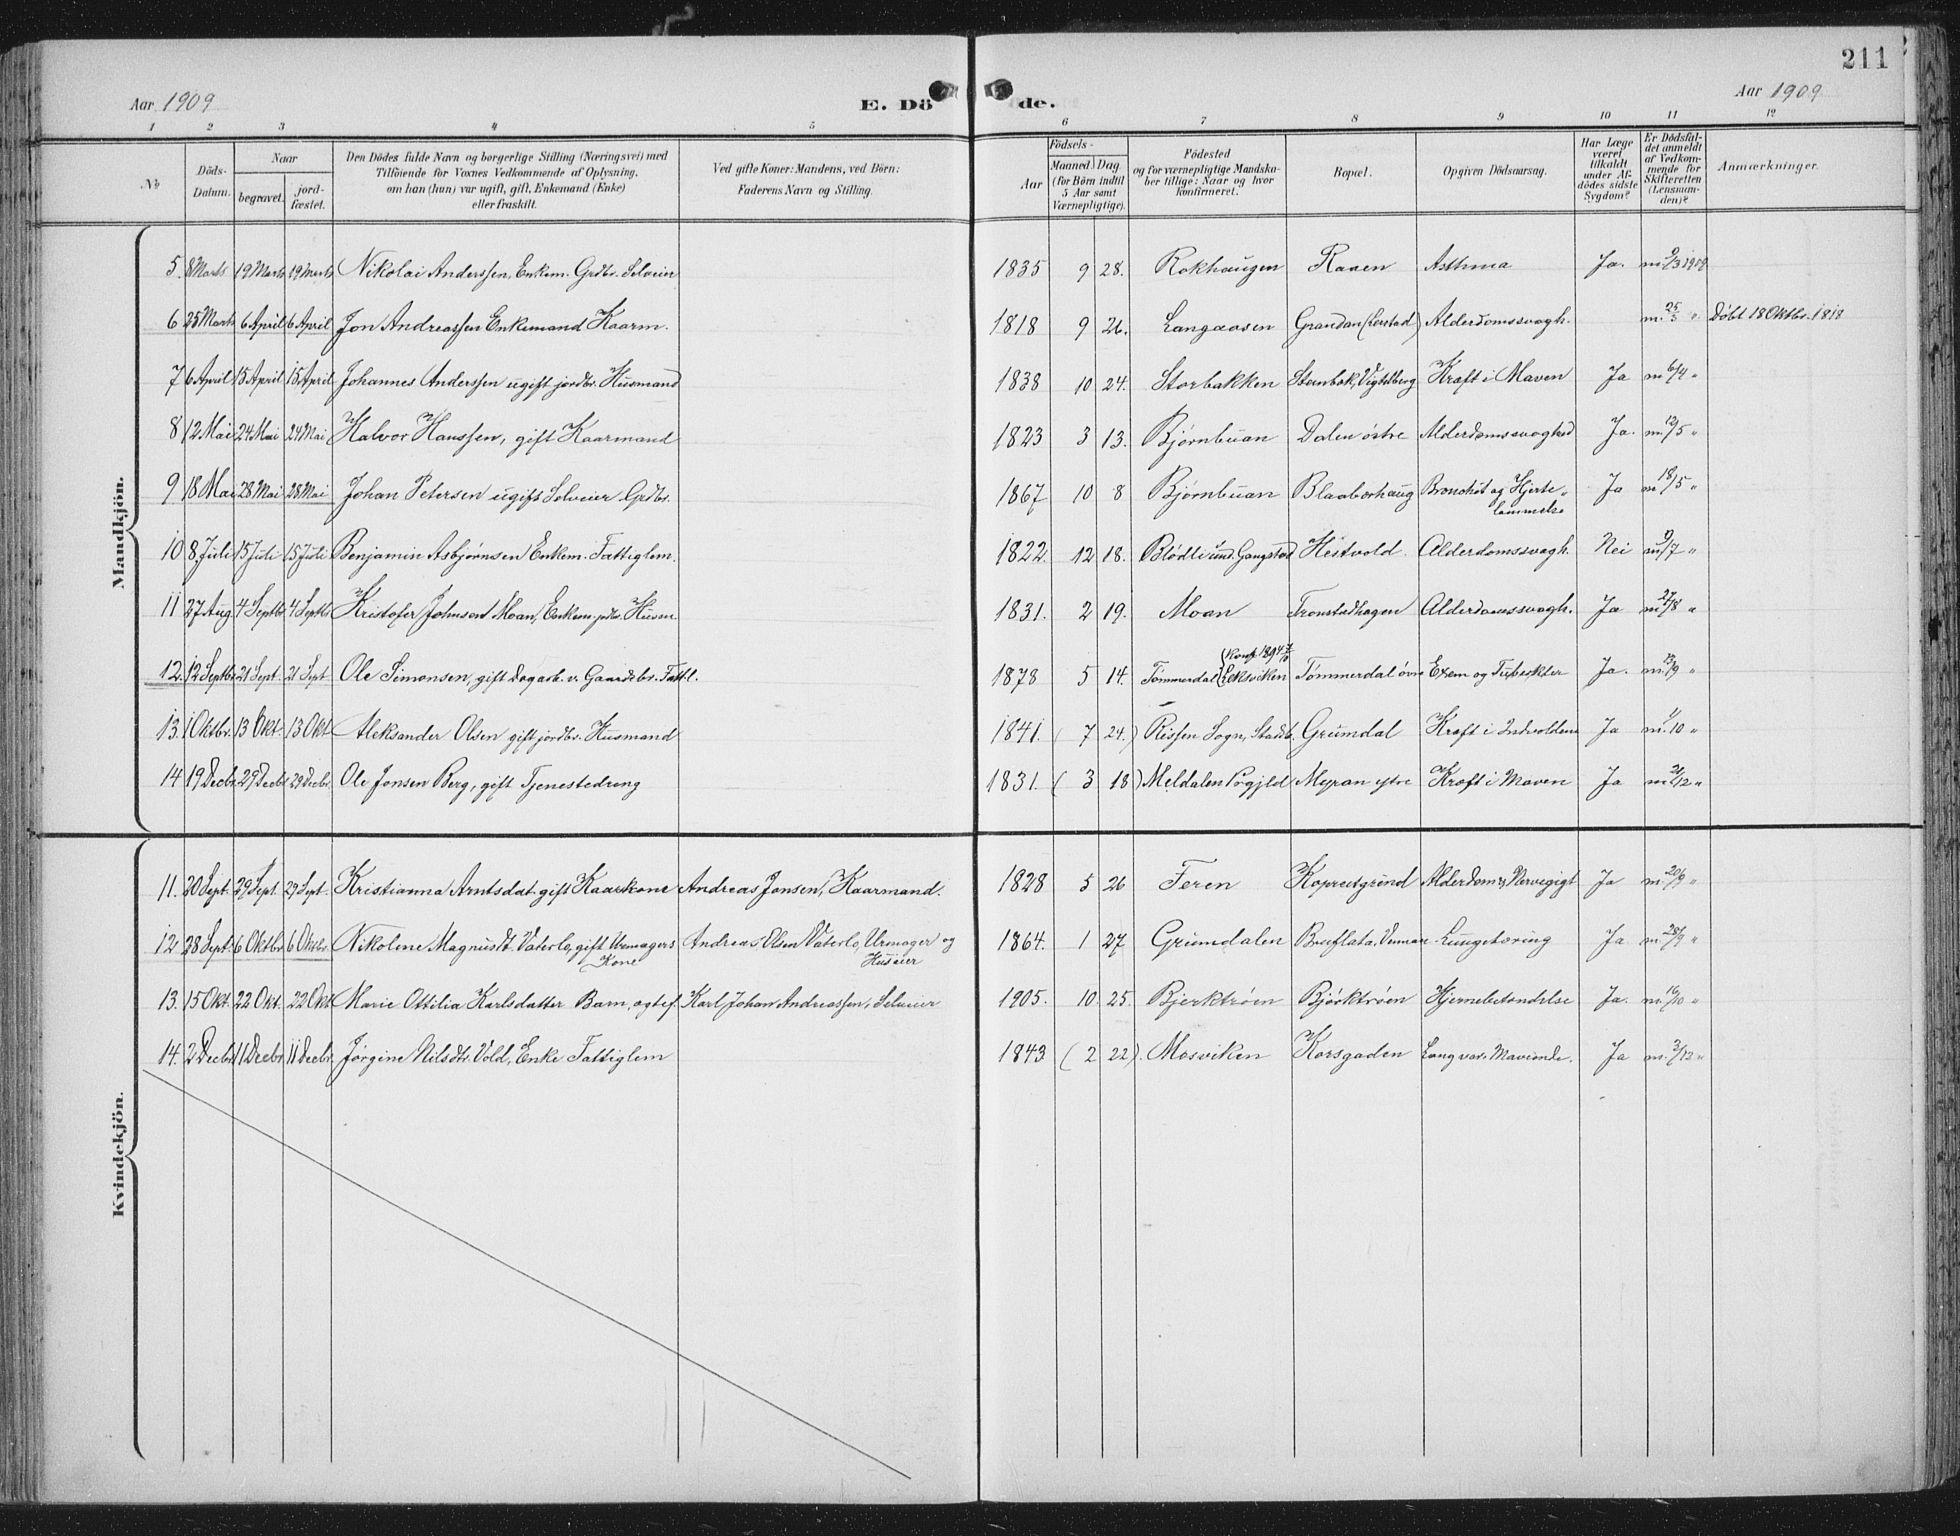 SAT, Ministerialprotokoller, klokkerbøker og fødselsregistre - Nord-Trøndelag, 701/L0011: Ministerialbok nr. 701A11, 1899-1915, s. 211